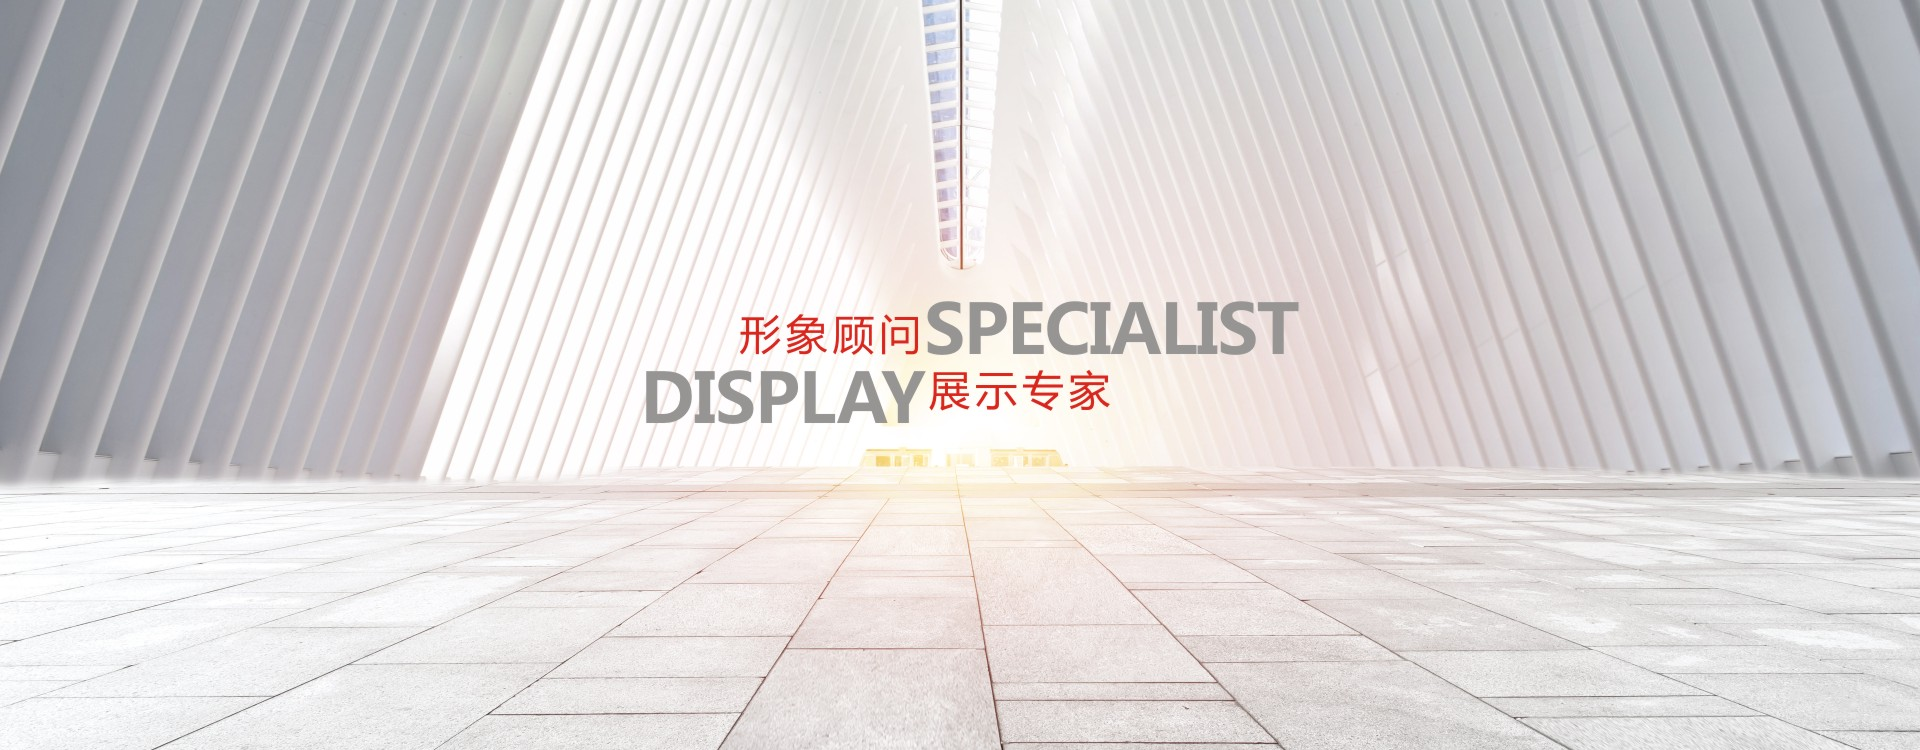 四川龙腾展示展览有限公司[2019413104013.jpg]